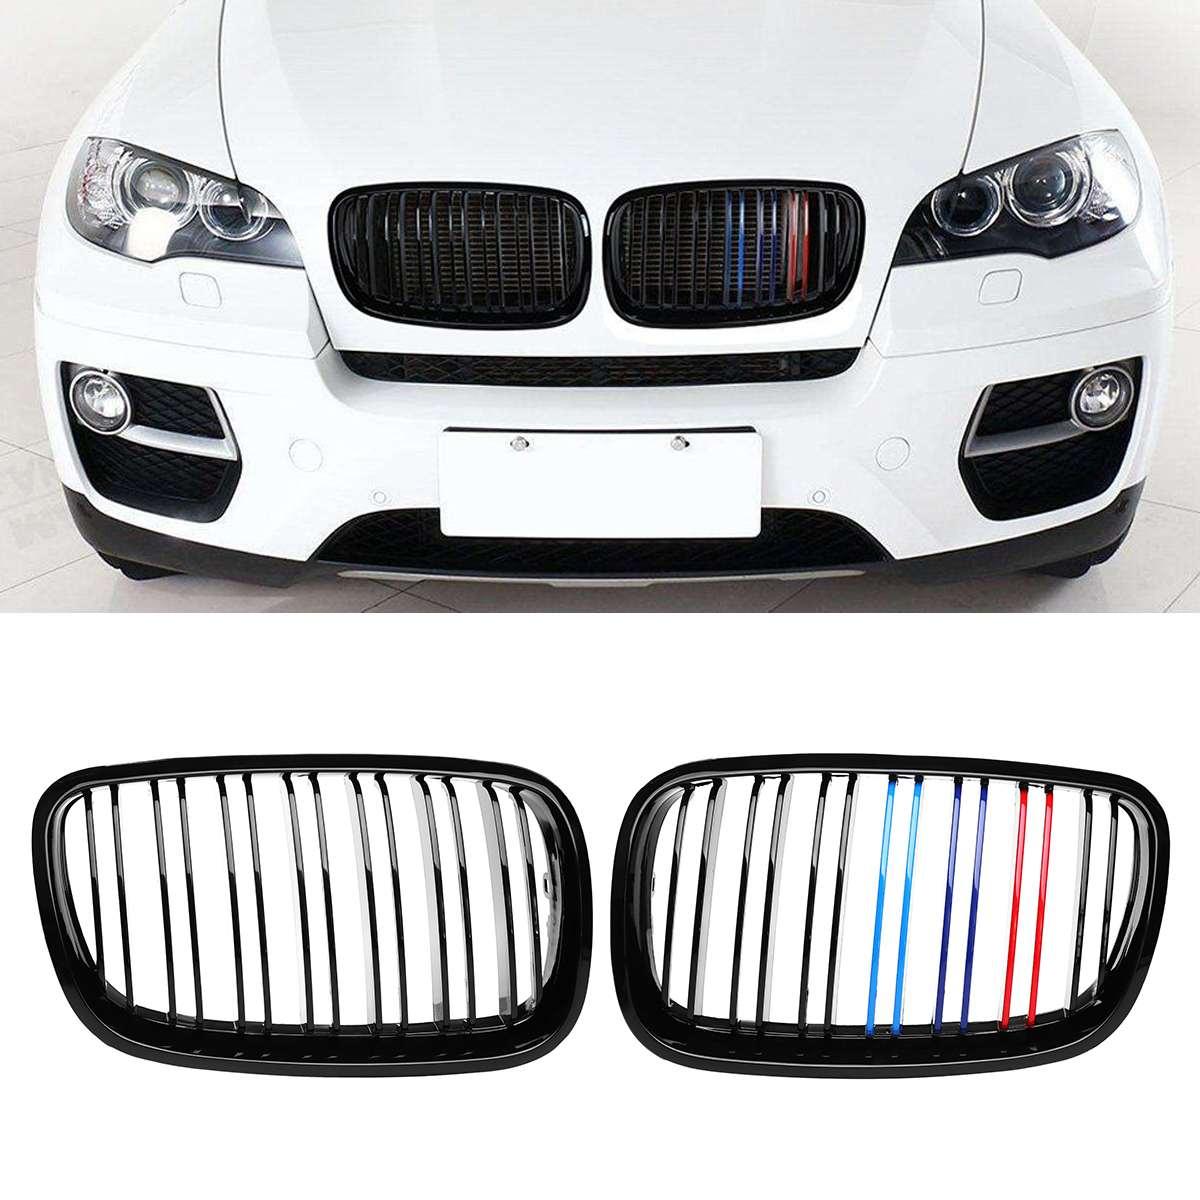 Brillant Noir M-Couleur Une Paire De Voiture Pare-chocs Avant Grille Grill Cover Version Rein Pour 2007-2013 Pour BMW X5 X6 E70 E71